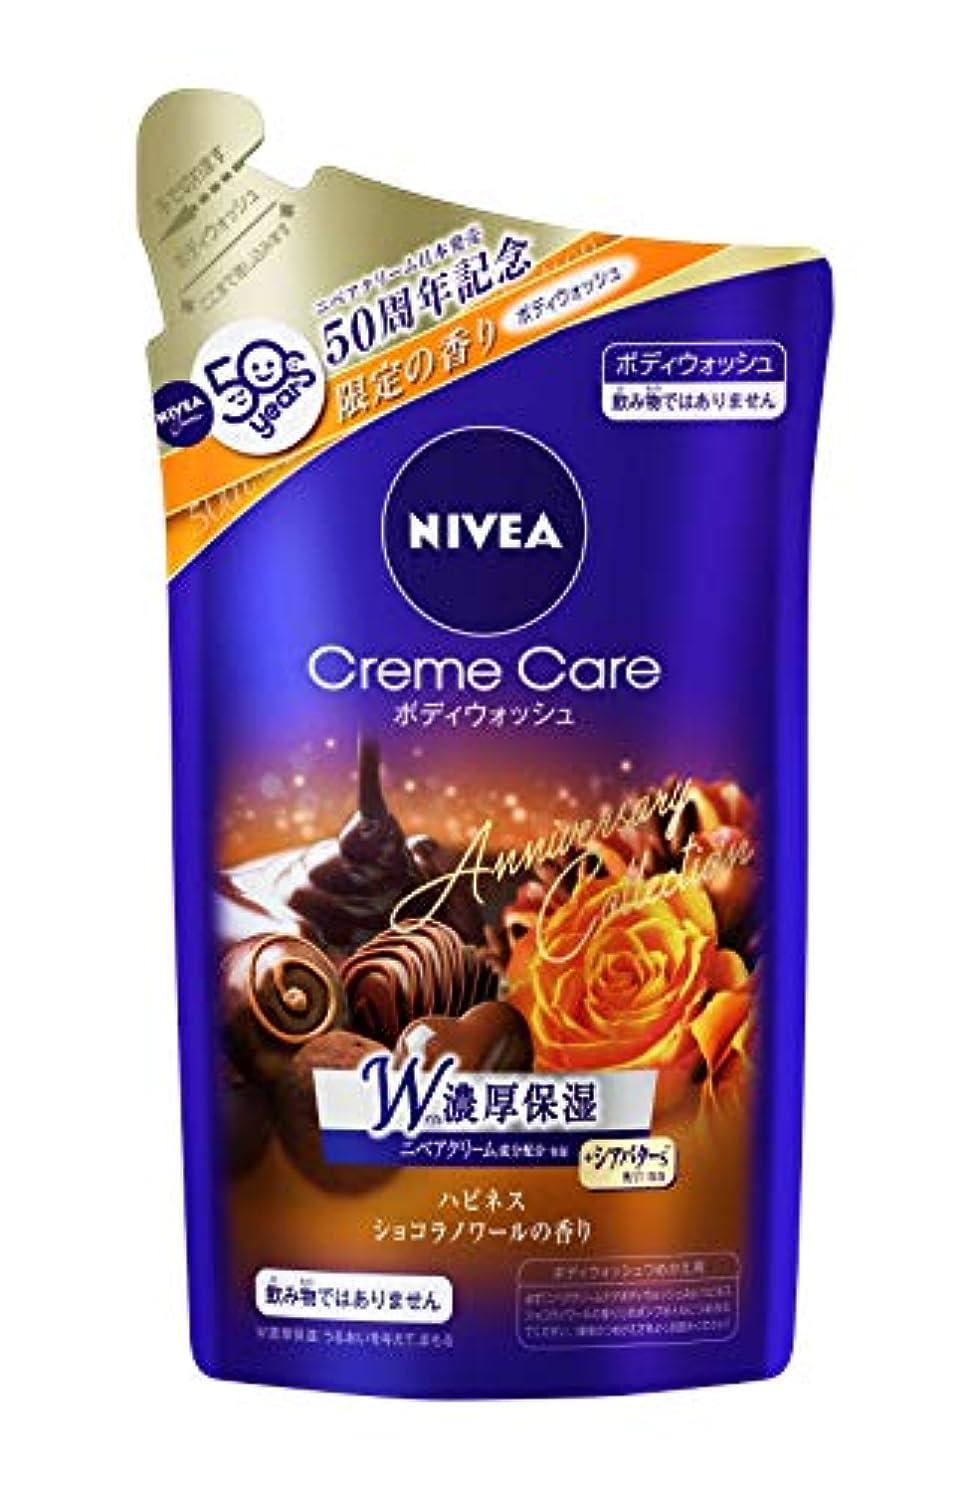 拡大する戸棚十代の若者たちニベア クリームケアボディウォッシュ ショコラノワールの香り つめかえ用 360ml